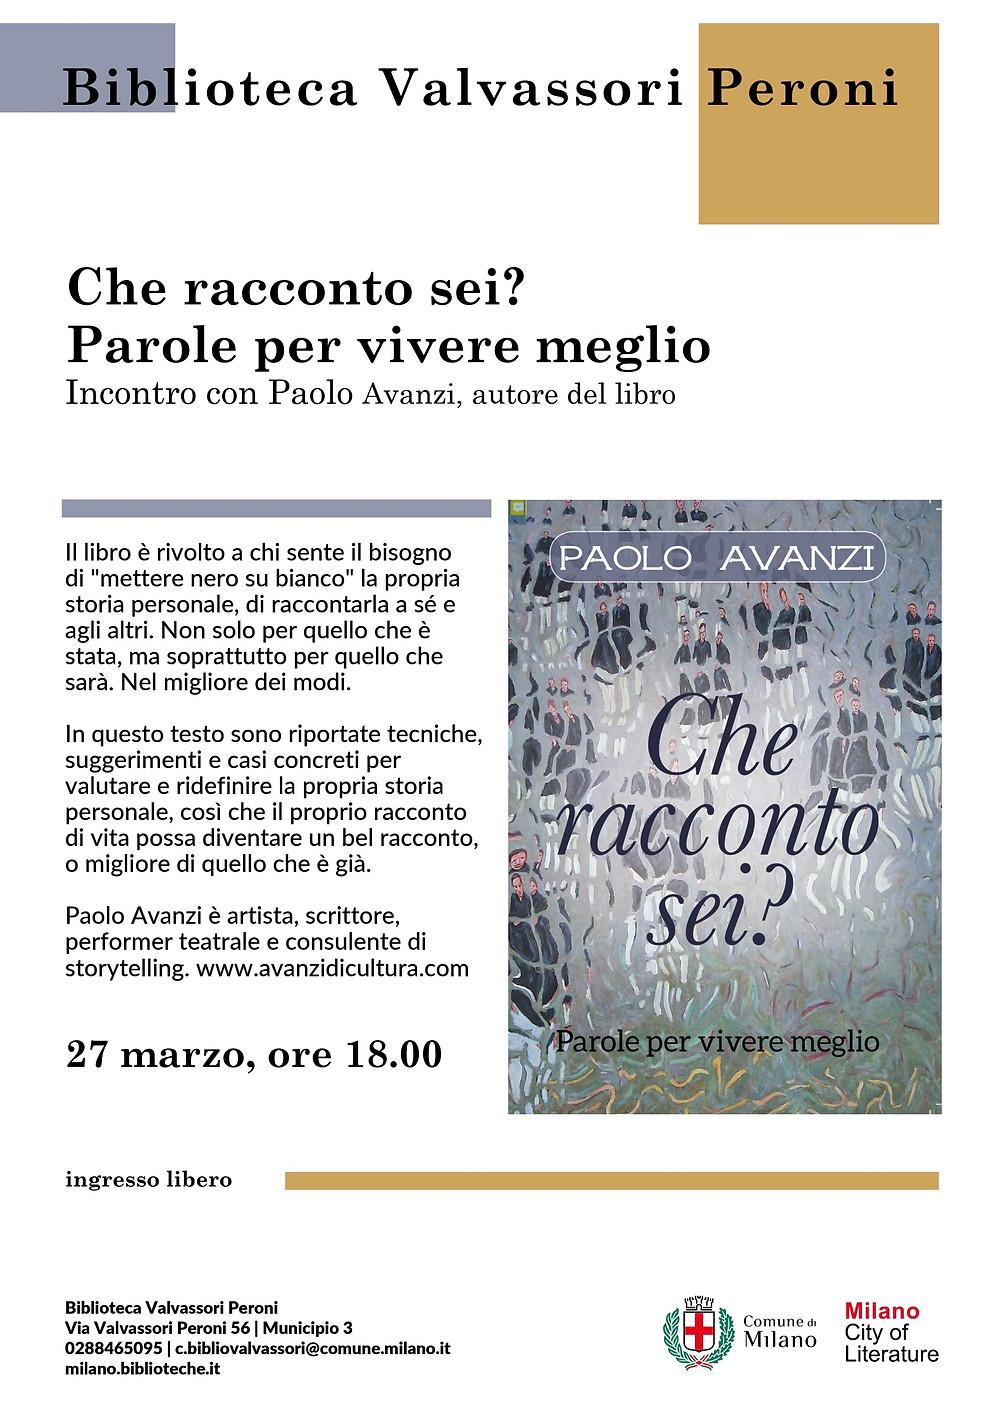 Che racconto sei di Paolo Avanzi alla Biblioteca Valvassori